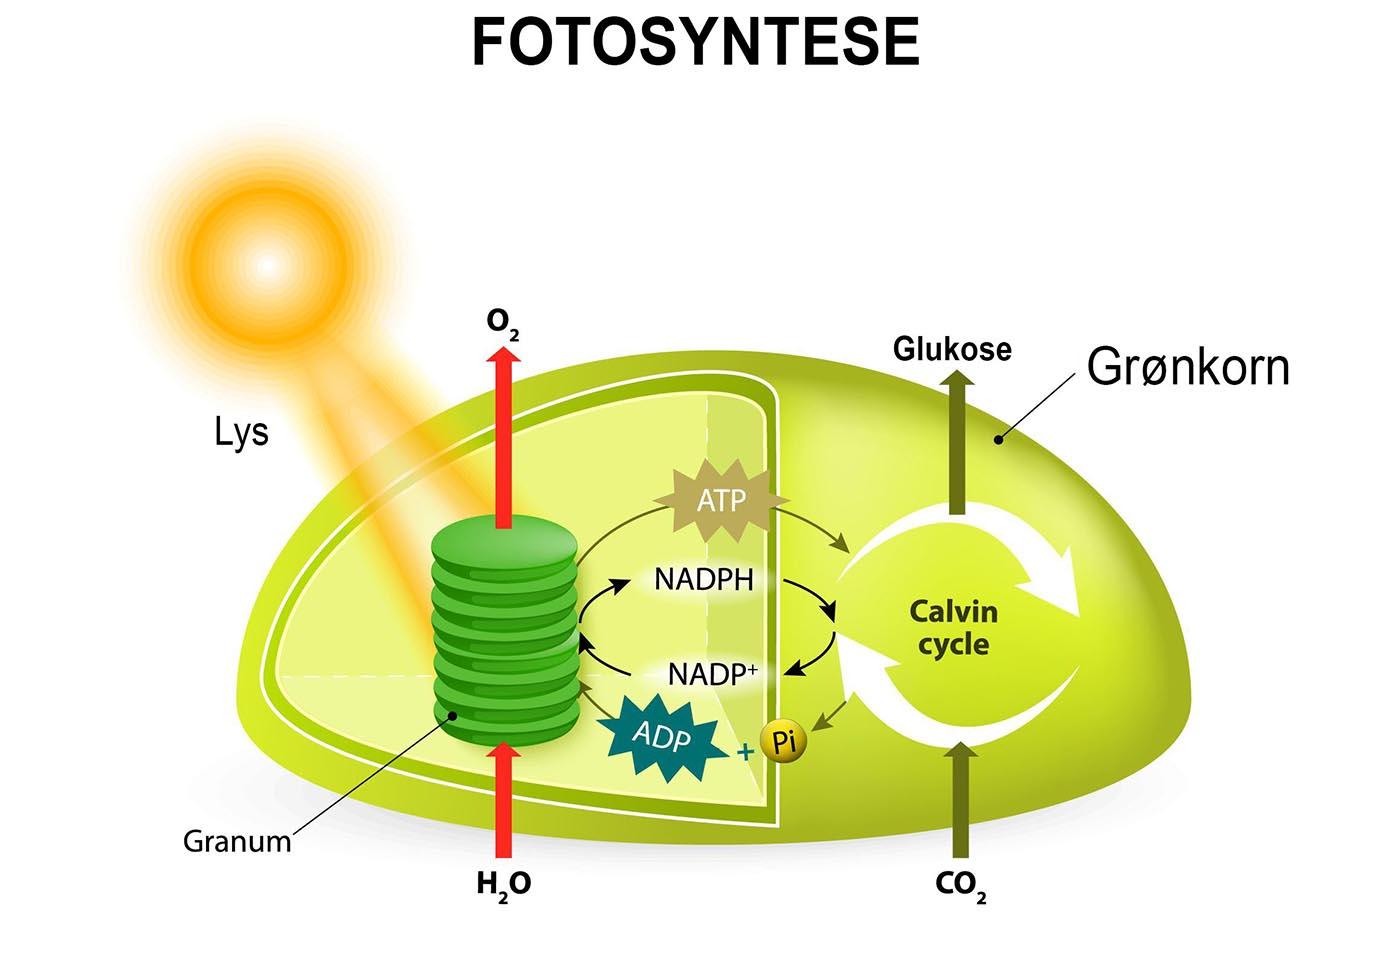 Fotosyntese i grønkorn organeller hos planter